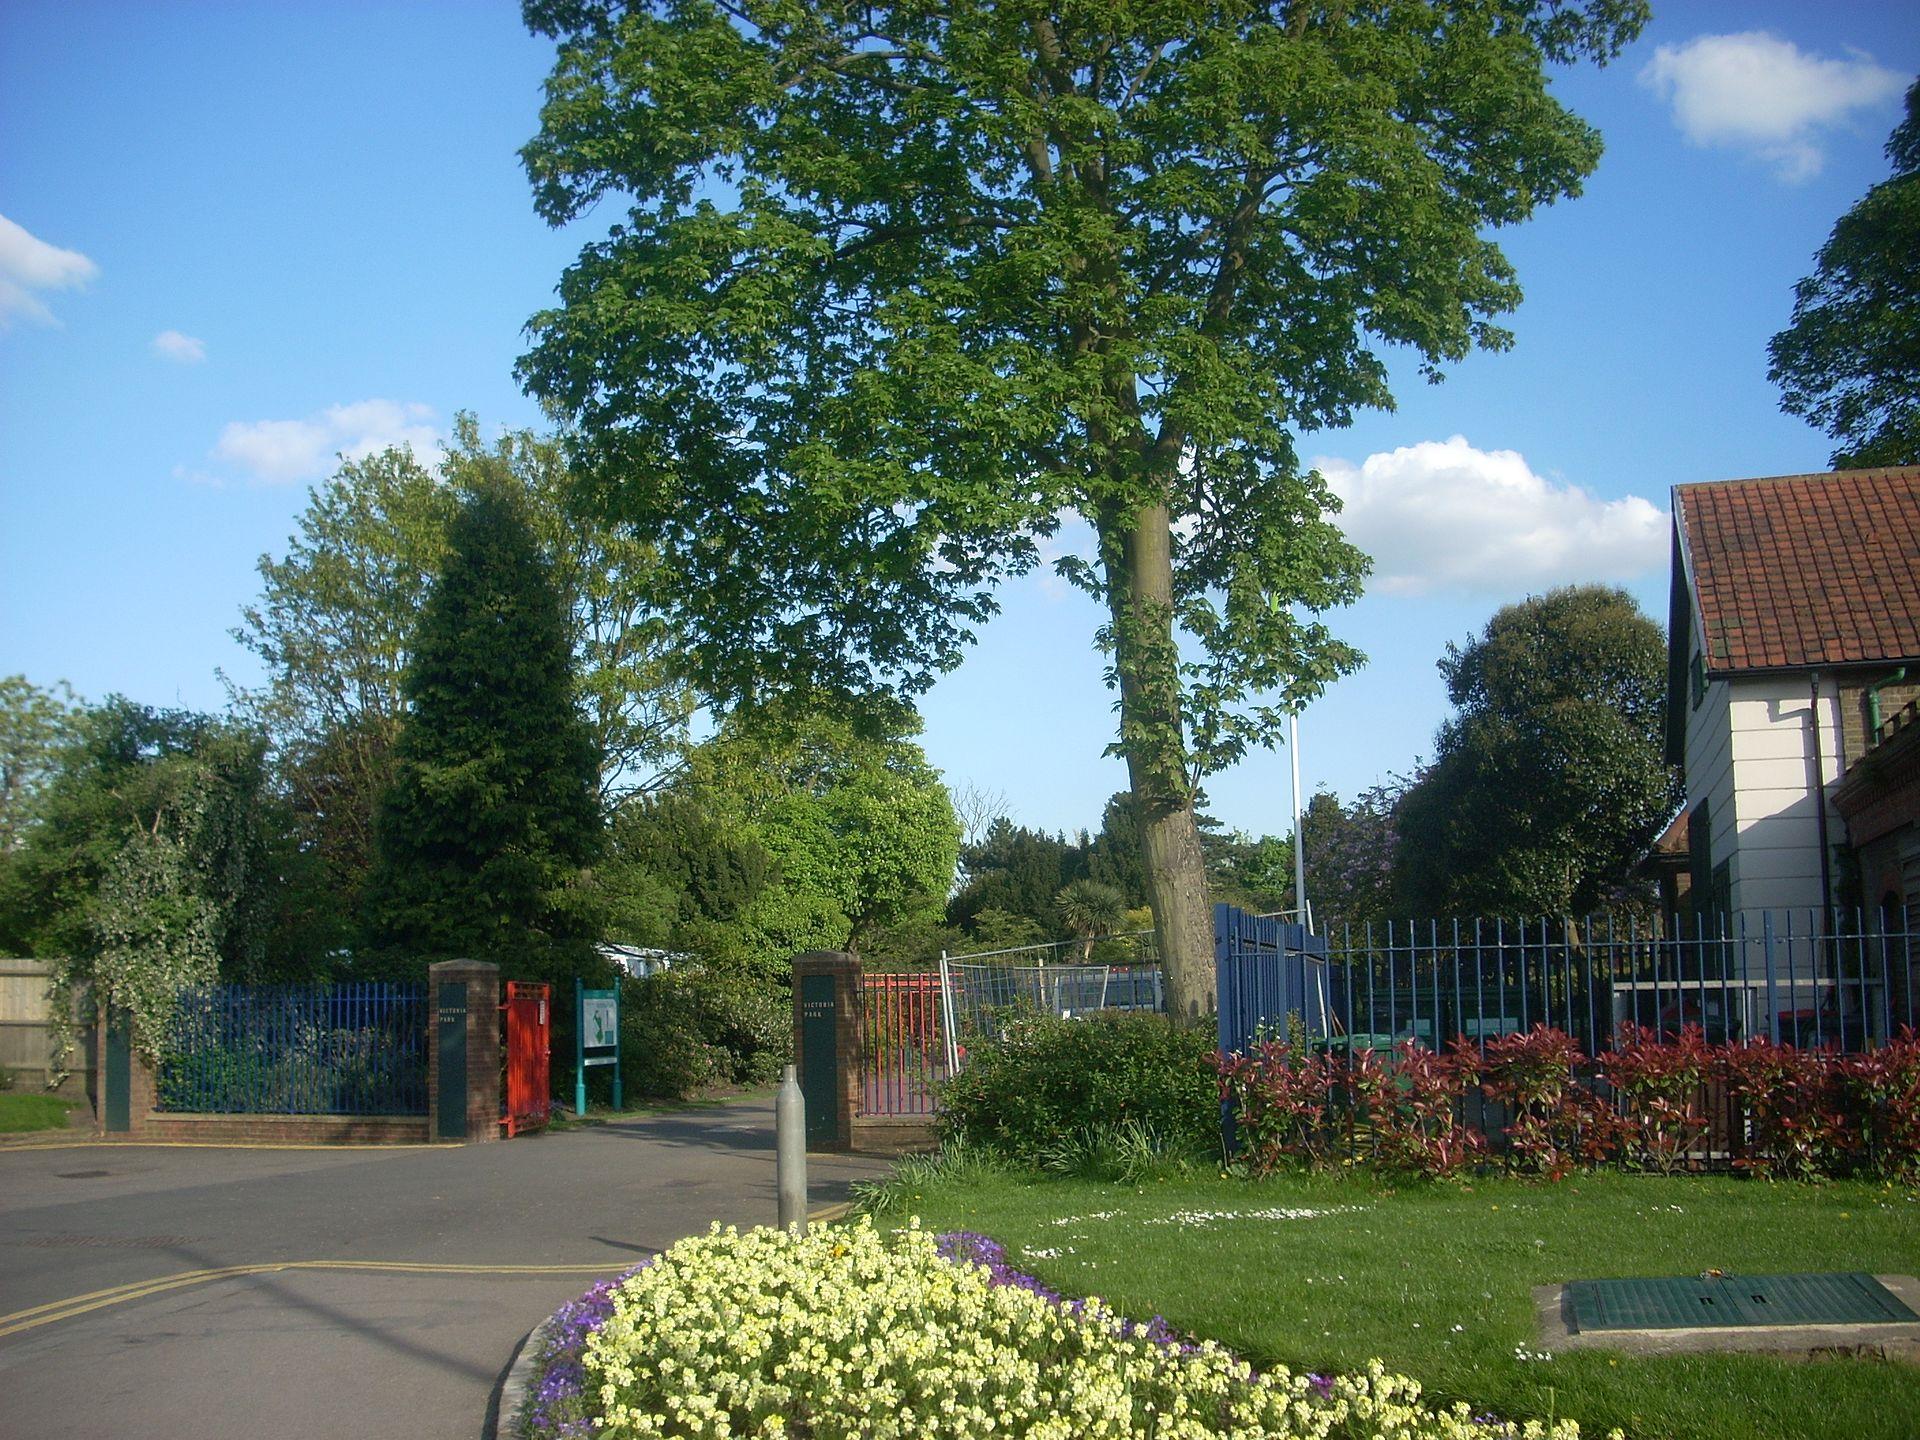 Victoria Park Barnet Wikipedia